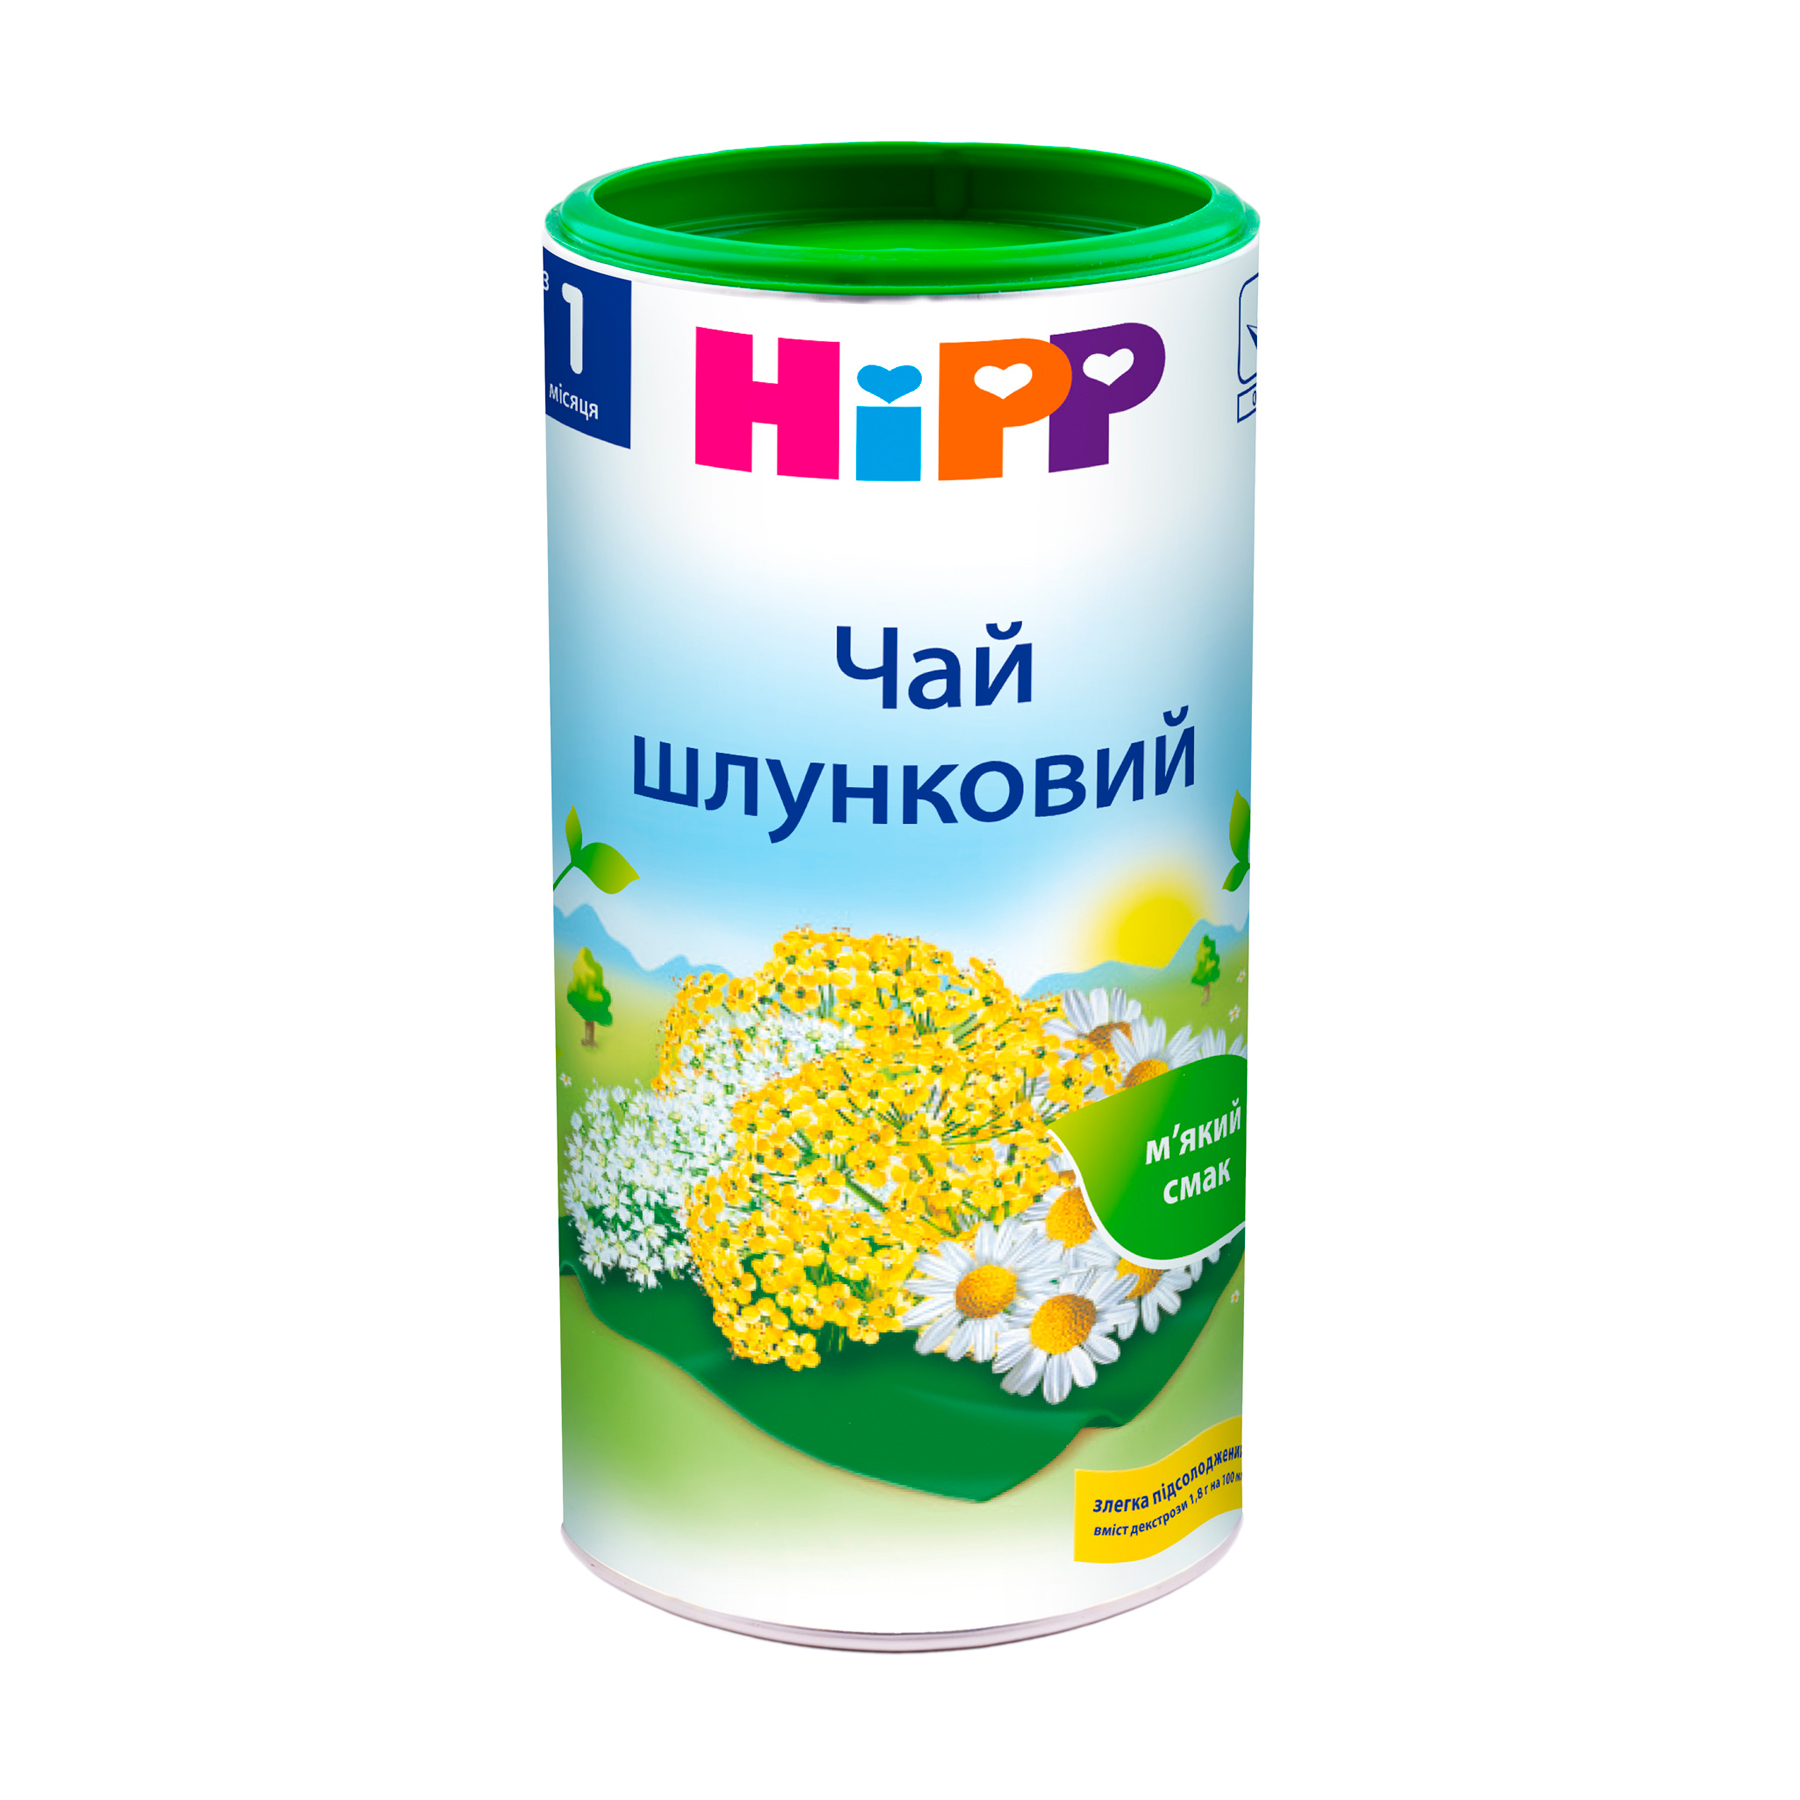 Дитячий чай HiPP шлунковий, з 1 місяця, 200 г